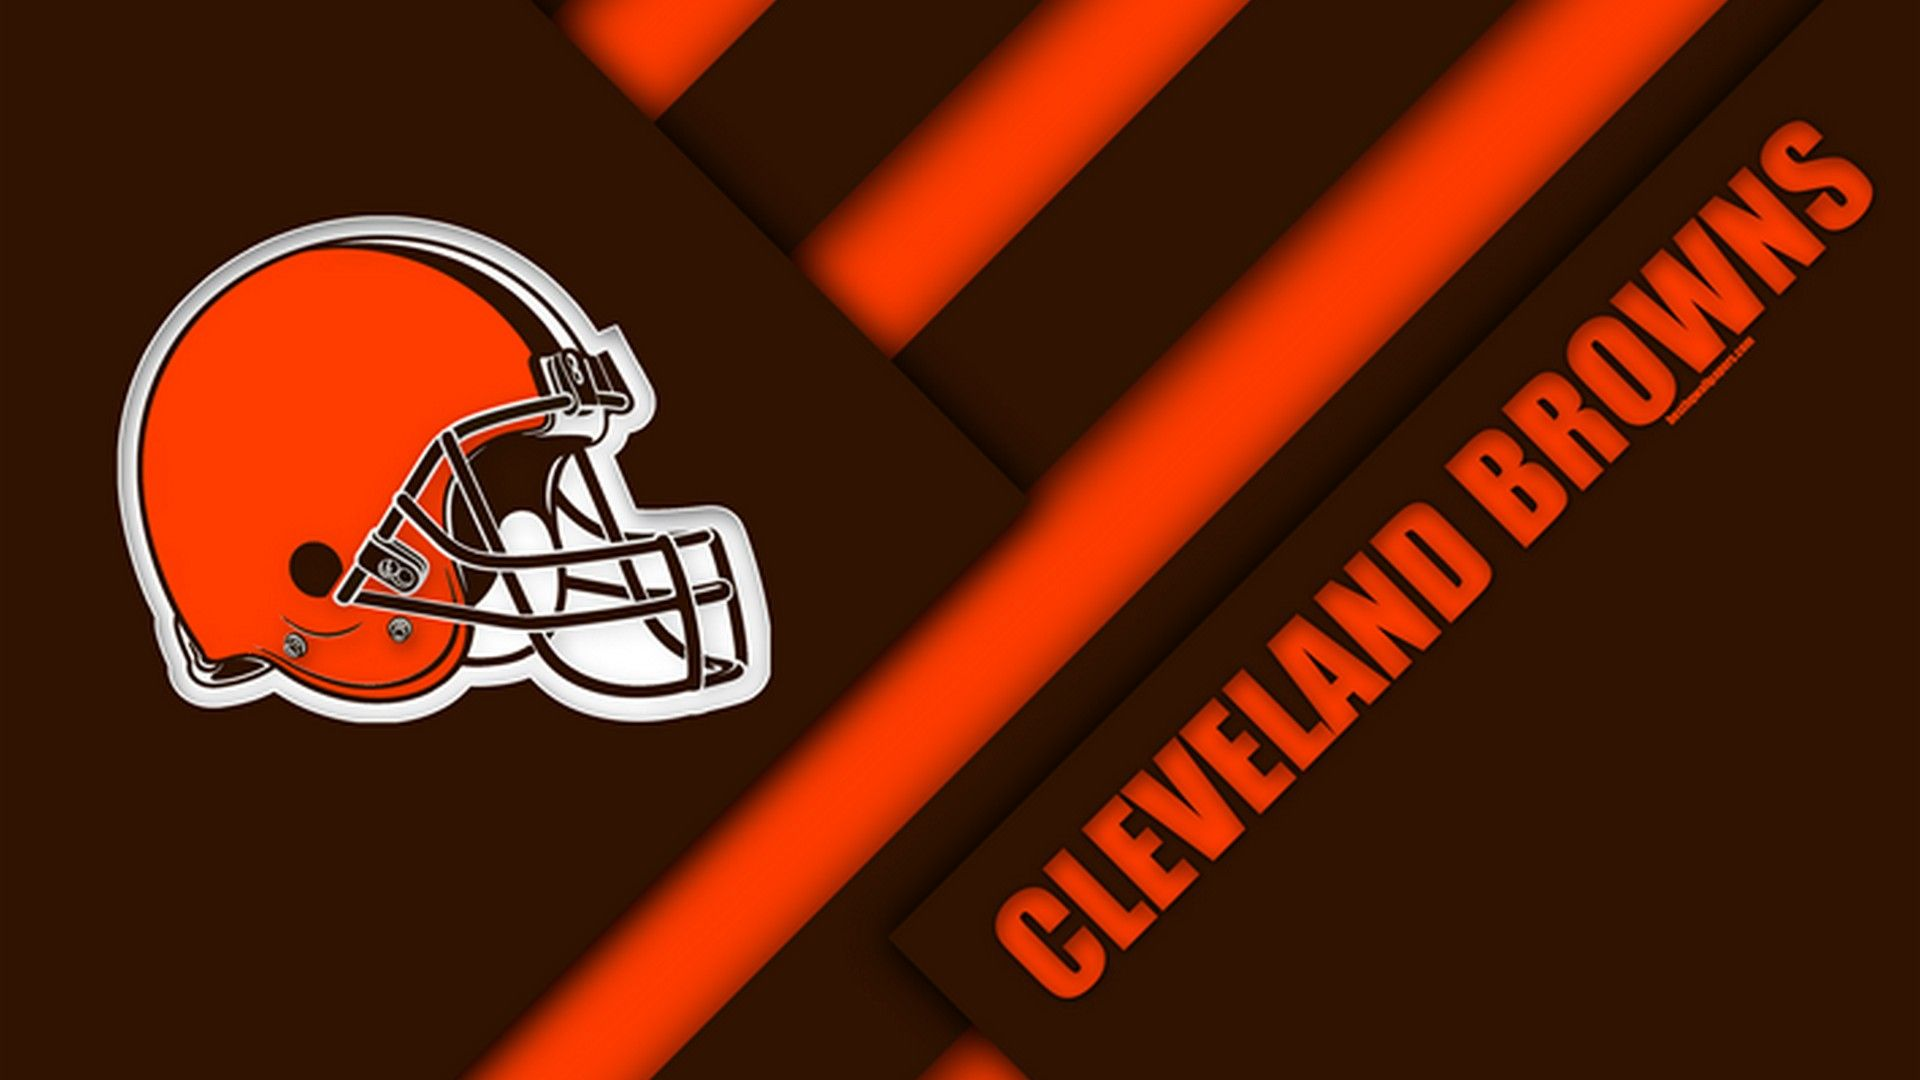 Cleveland Browns Desktop Wallpaper chucks shop Cleveland 1920x1080